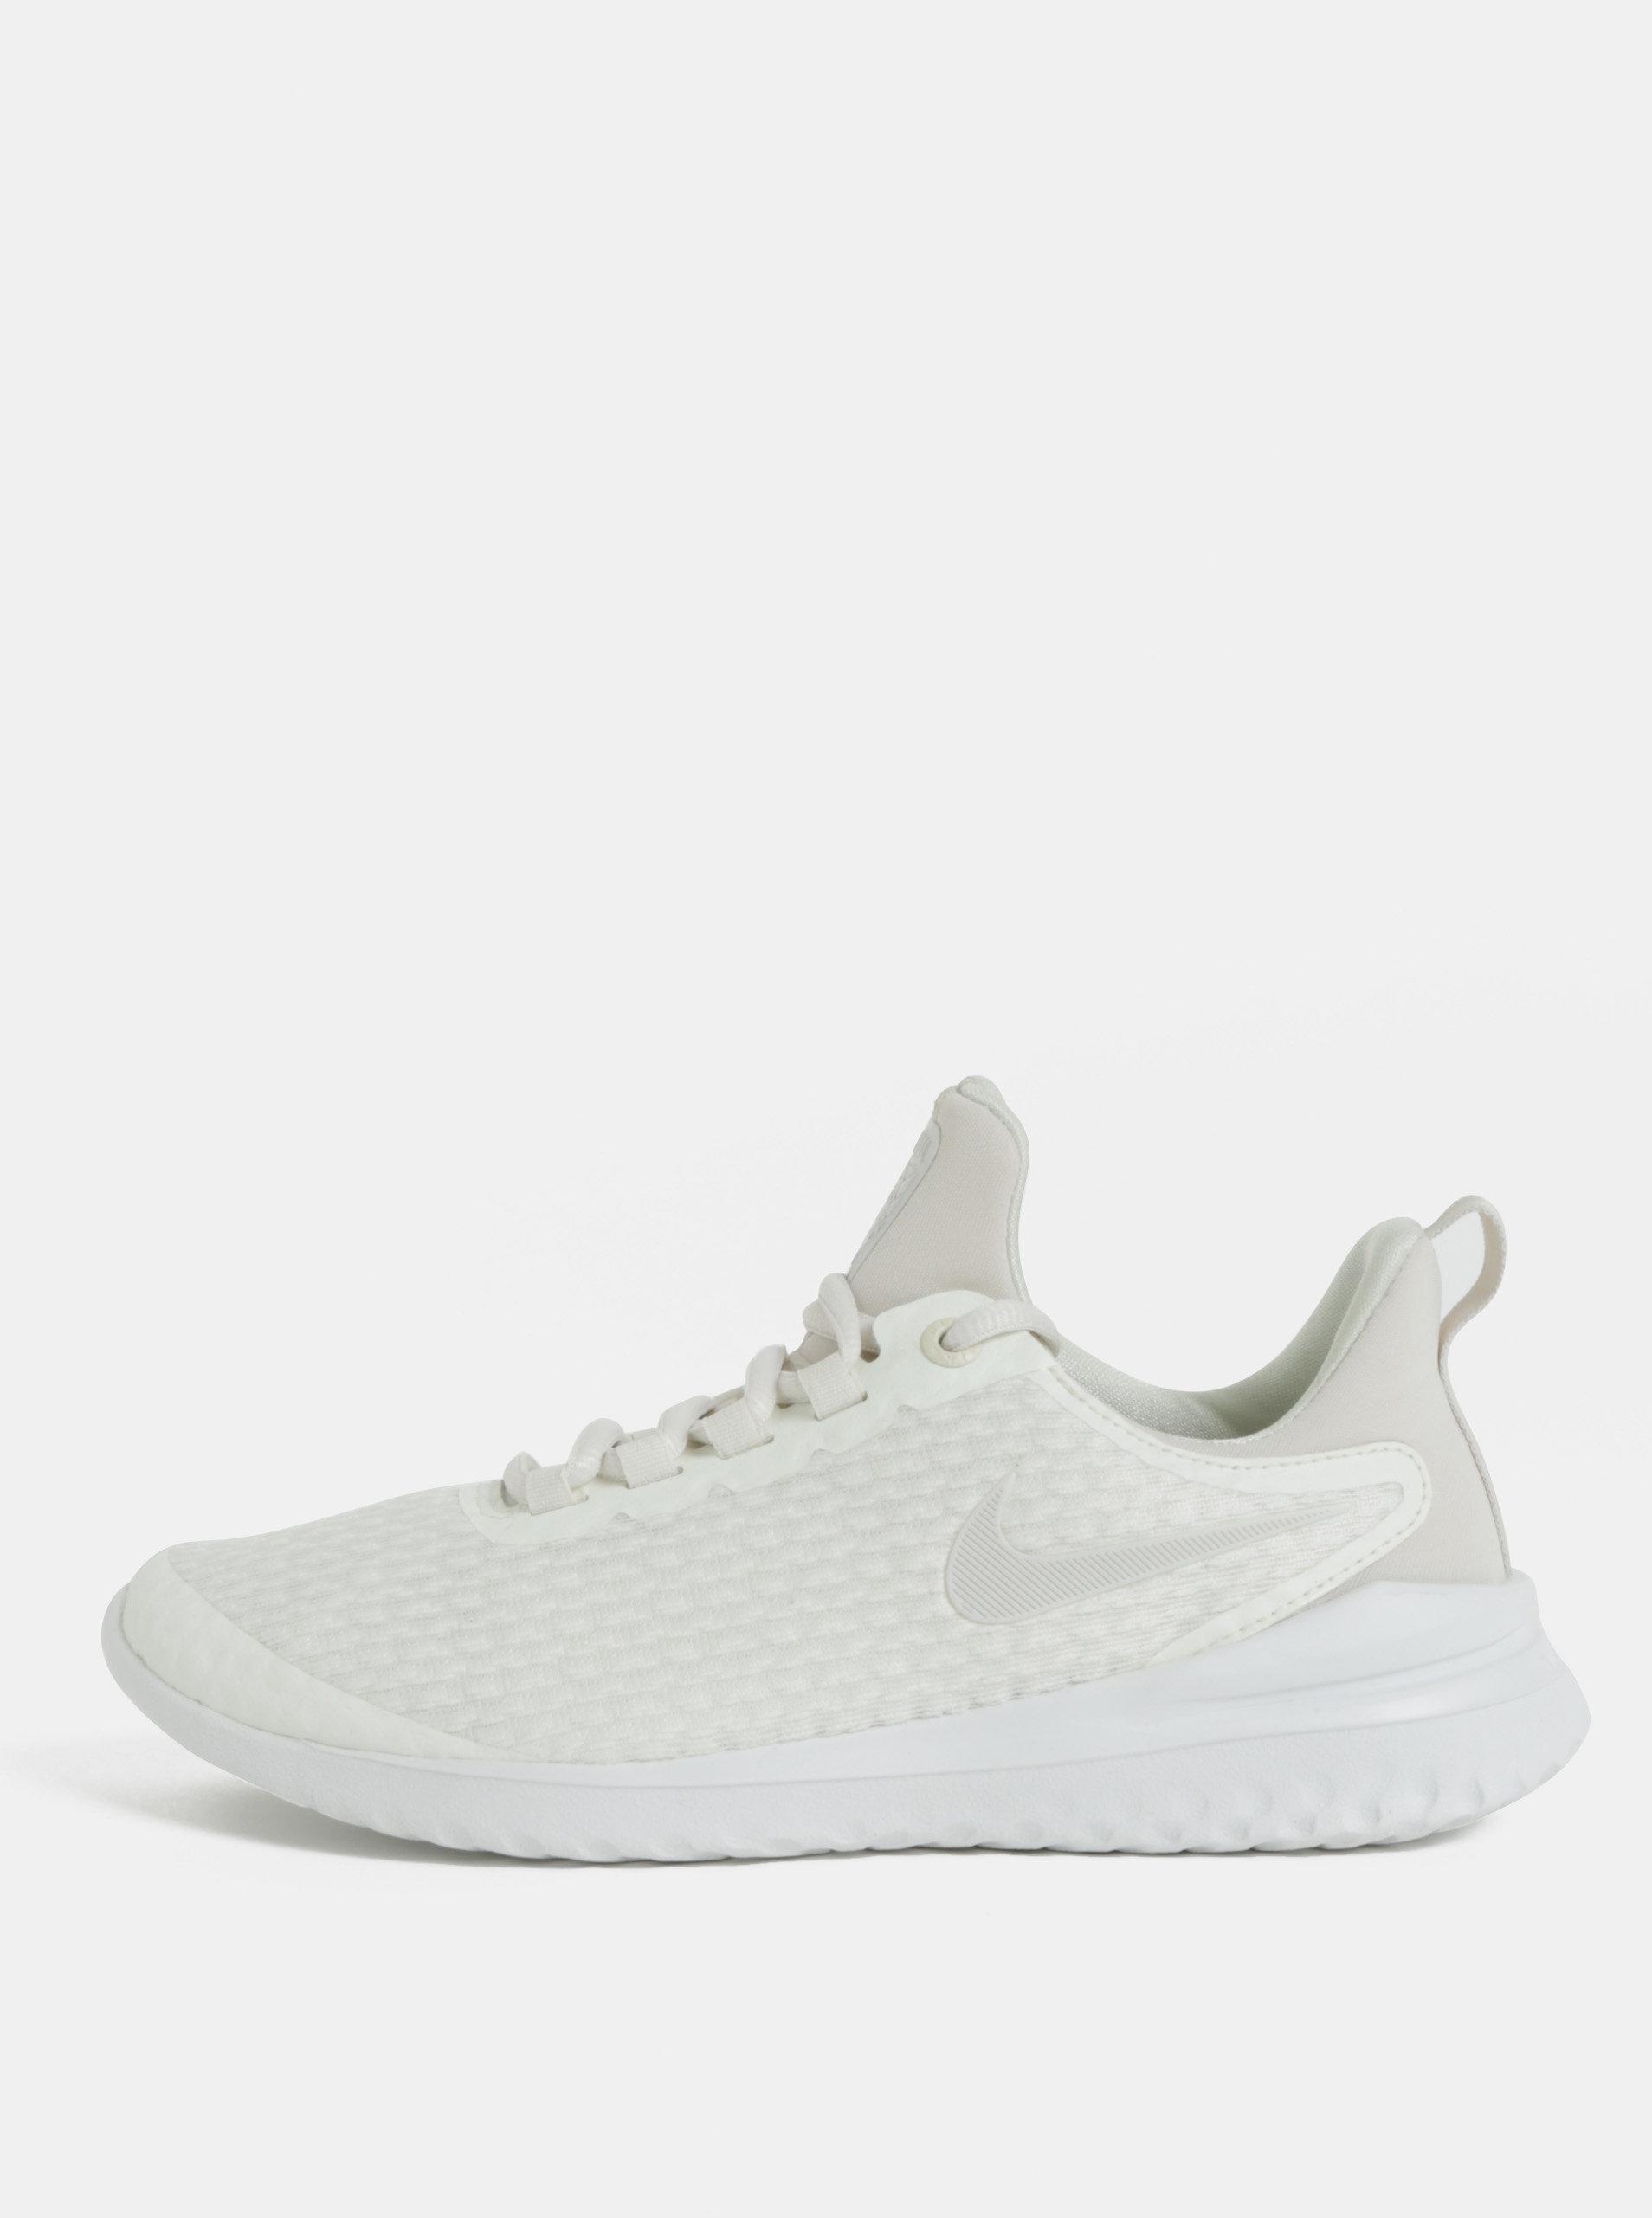 08fb5877eea Bílé dámské tenisky Nike Renew Rival ...